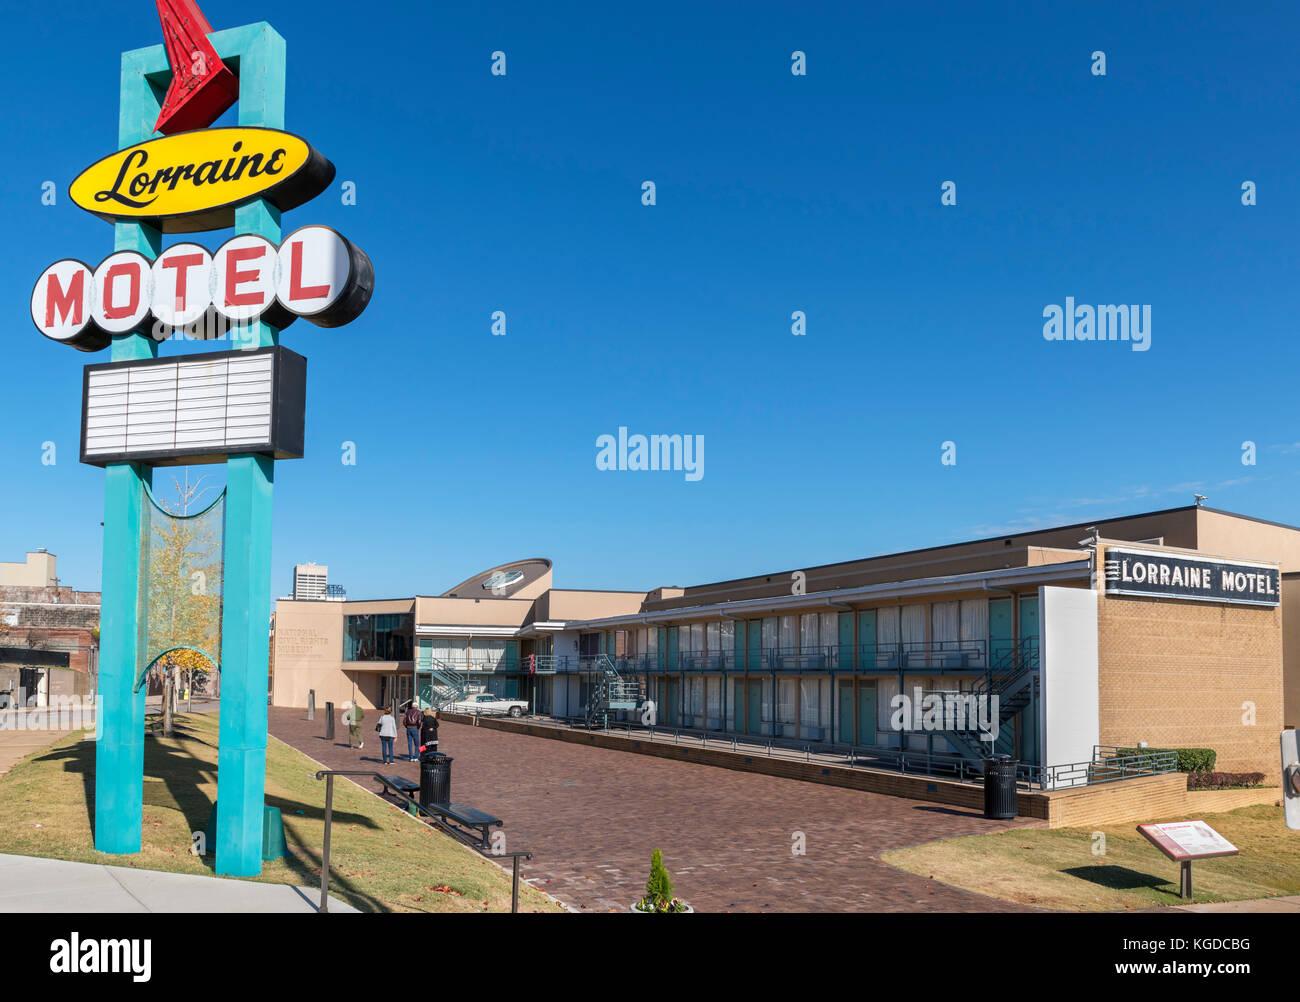 Le Musée National des Droits Civils au Lorraine Motel, à Memphis, Tennessee, États-Unis Banque D'Images